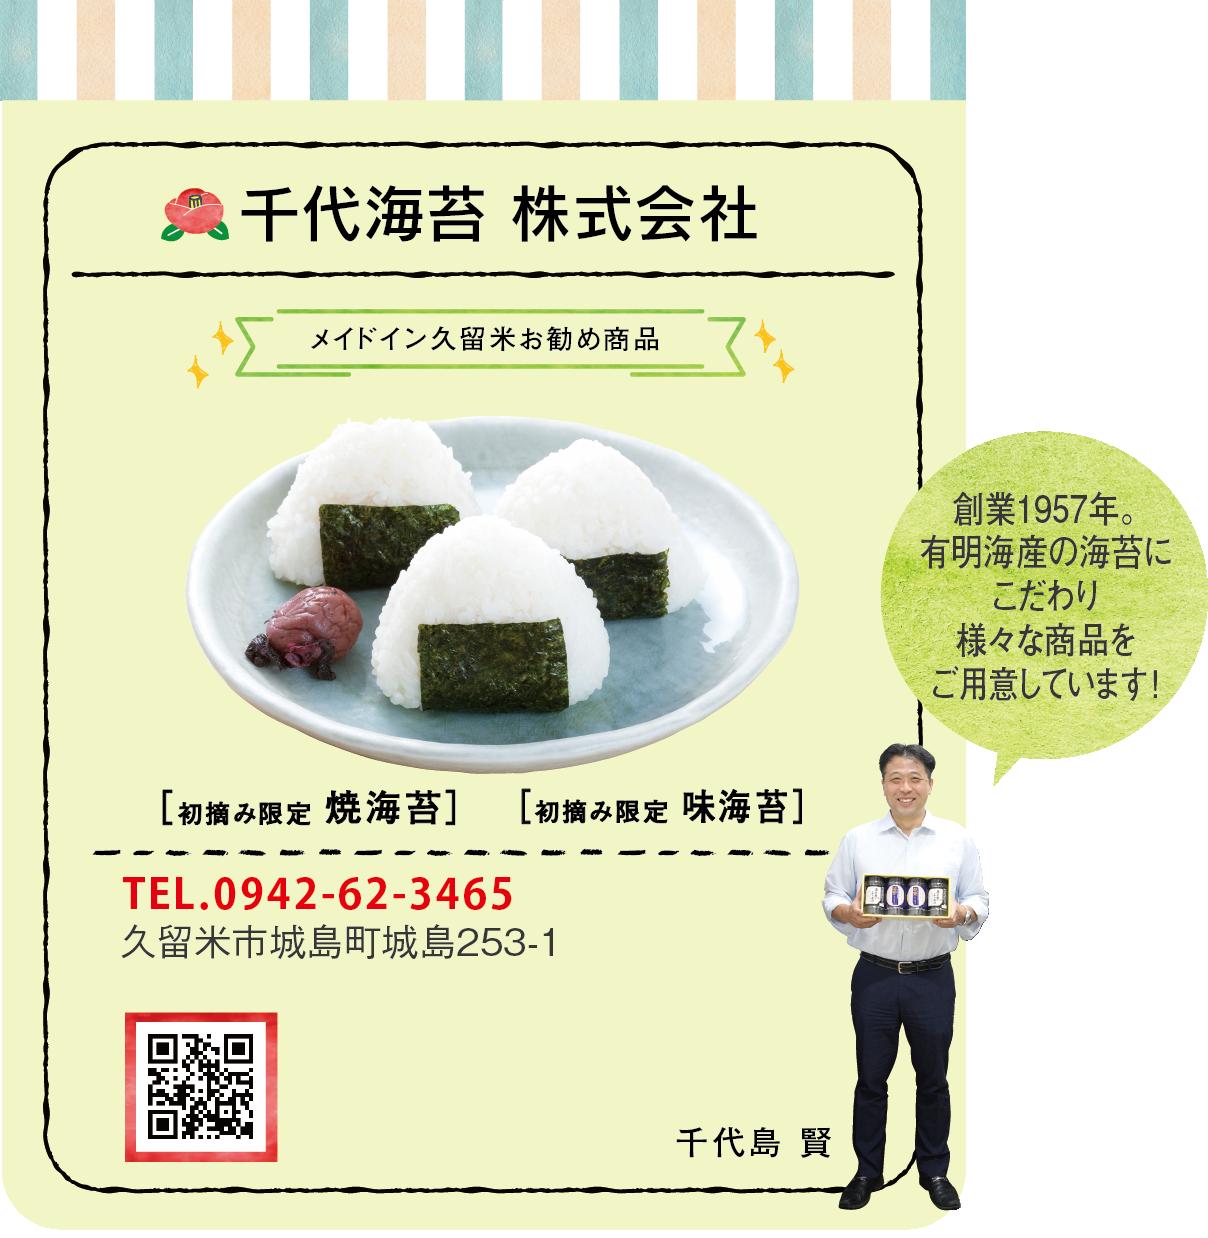 千代海苔 株式会社